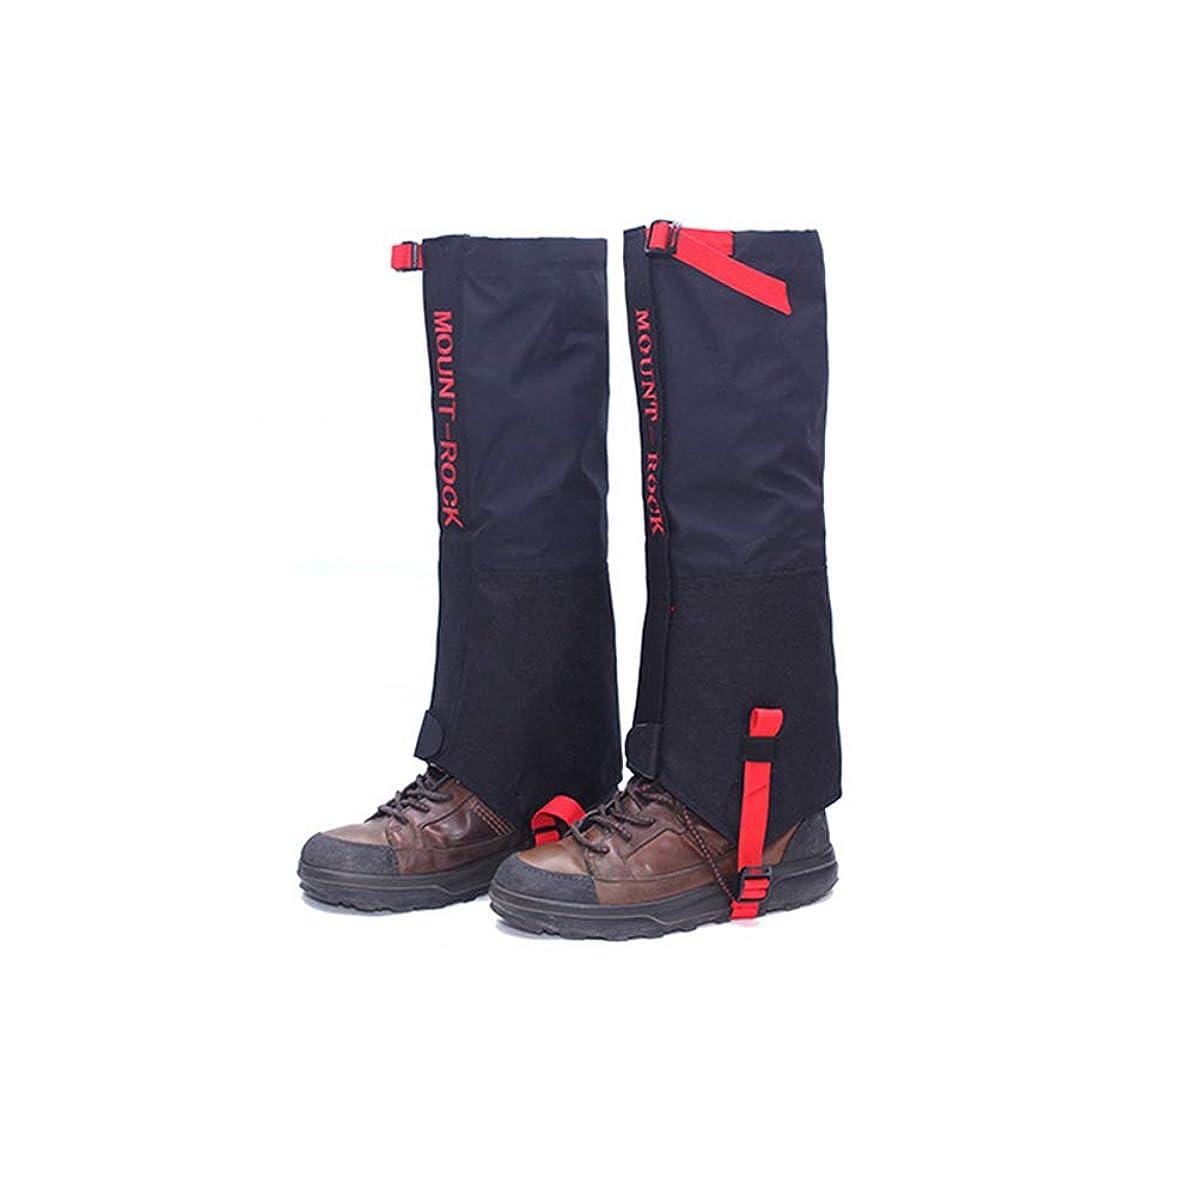 評価可能旅行人種登山ゲイター スパッツ 防水 泥除け 雨よけ 雪対策 収納袋付き レッグカバー 登山 アウトドア トレッキング 男女兼用 2サイズ